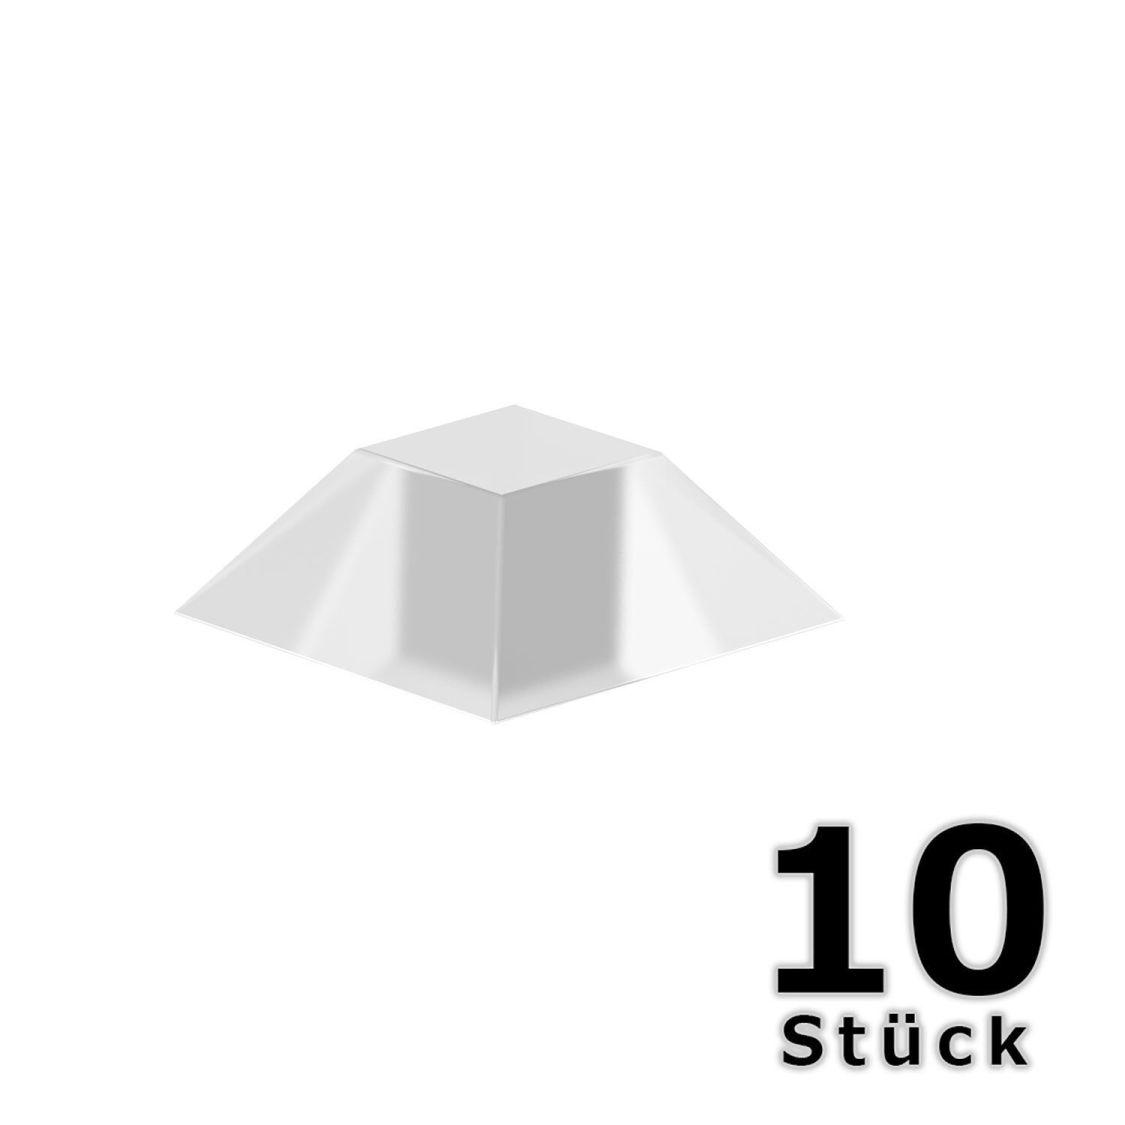 Wandpuffer 10 Stück - Transparent - 20x7 mm selbstklebende Abstandshalter aus PU